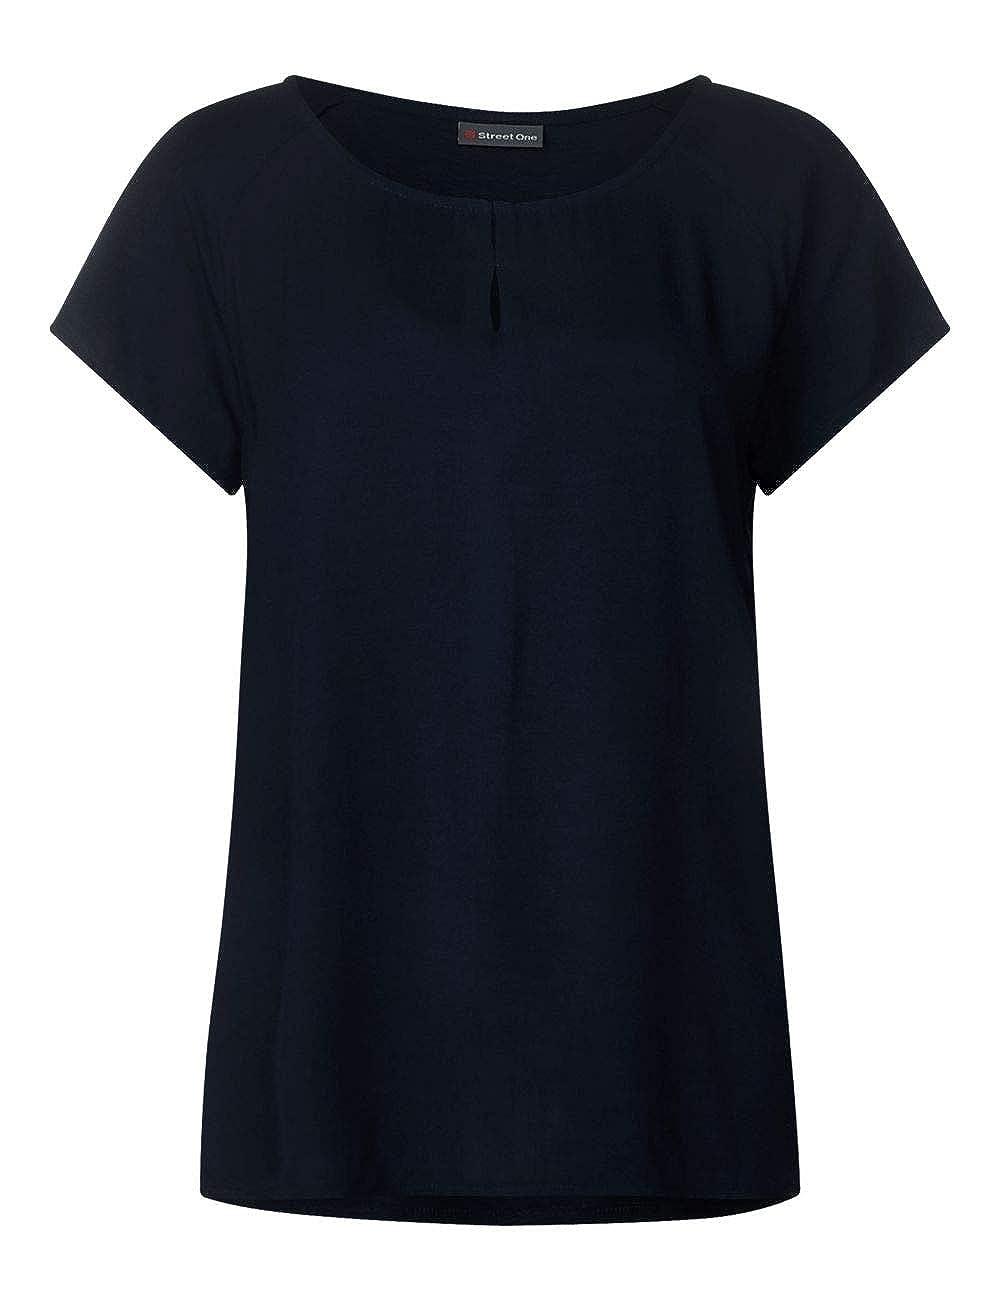 Street One Damen Bluse: : Bekleidung